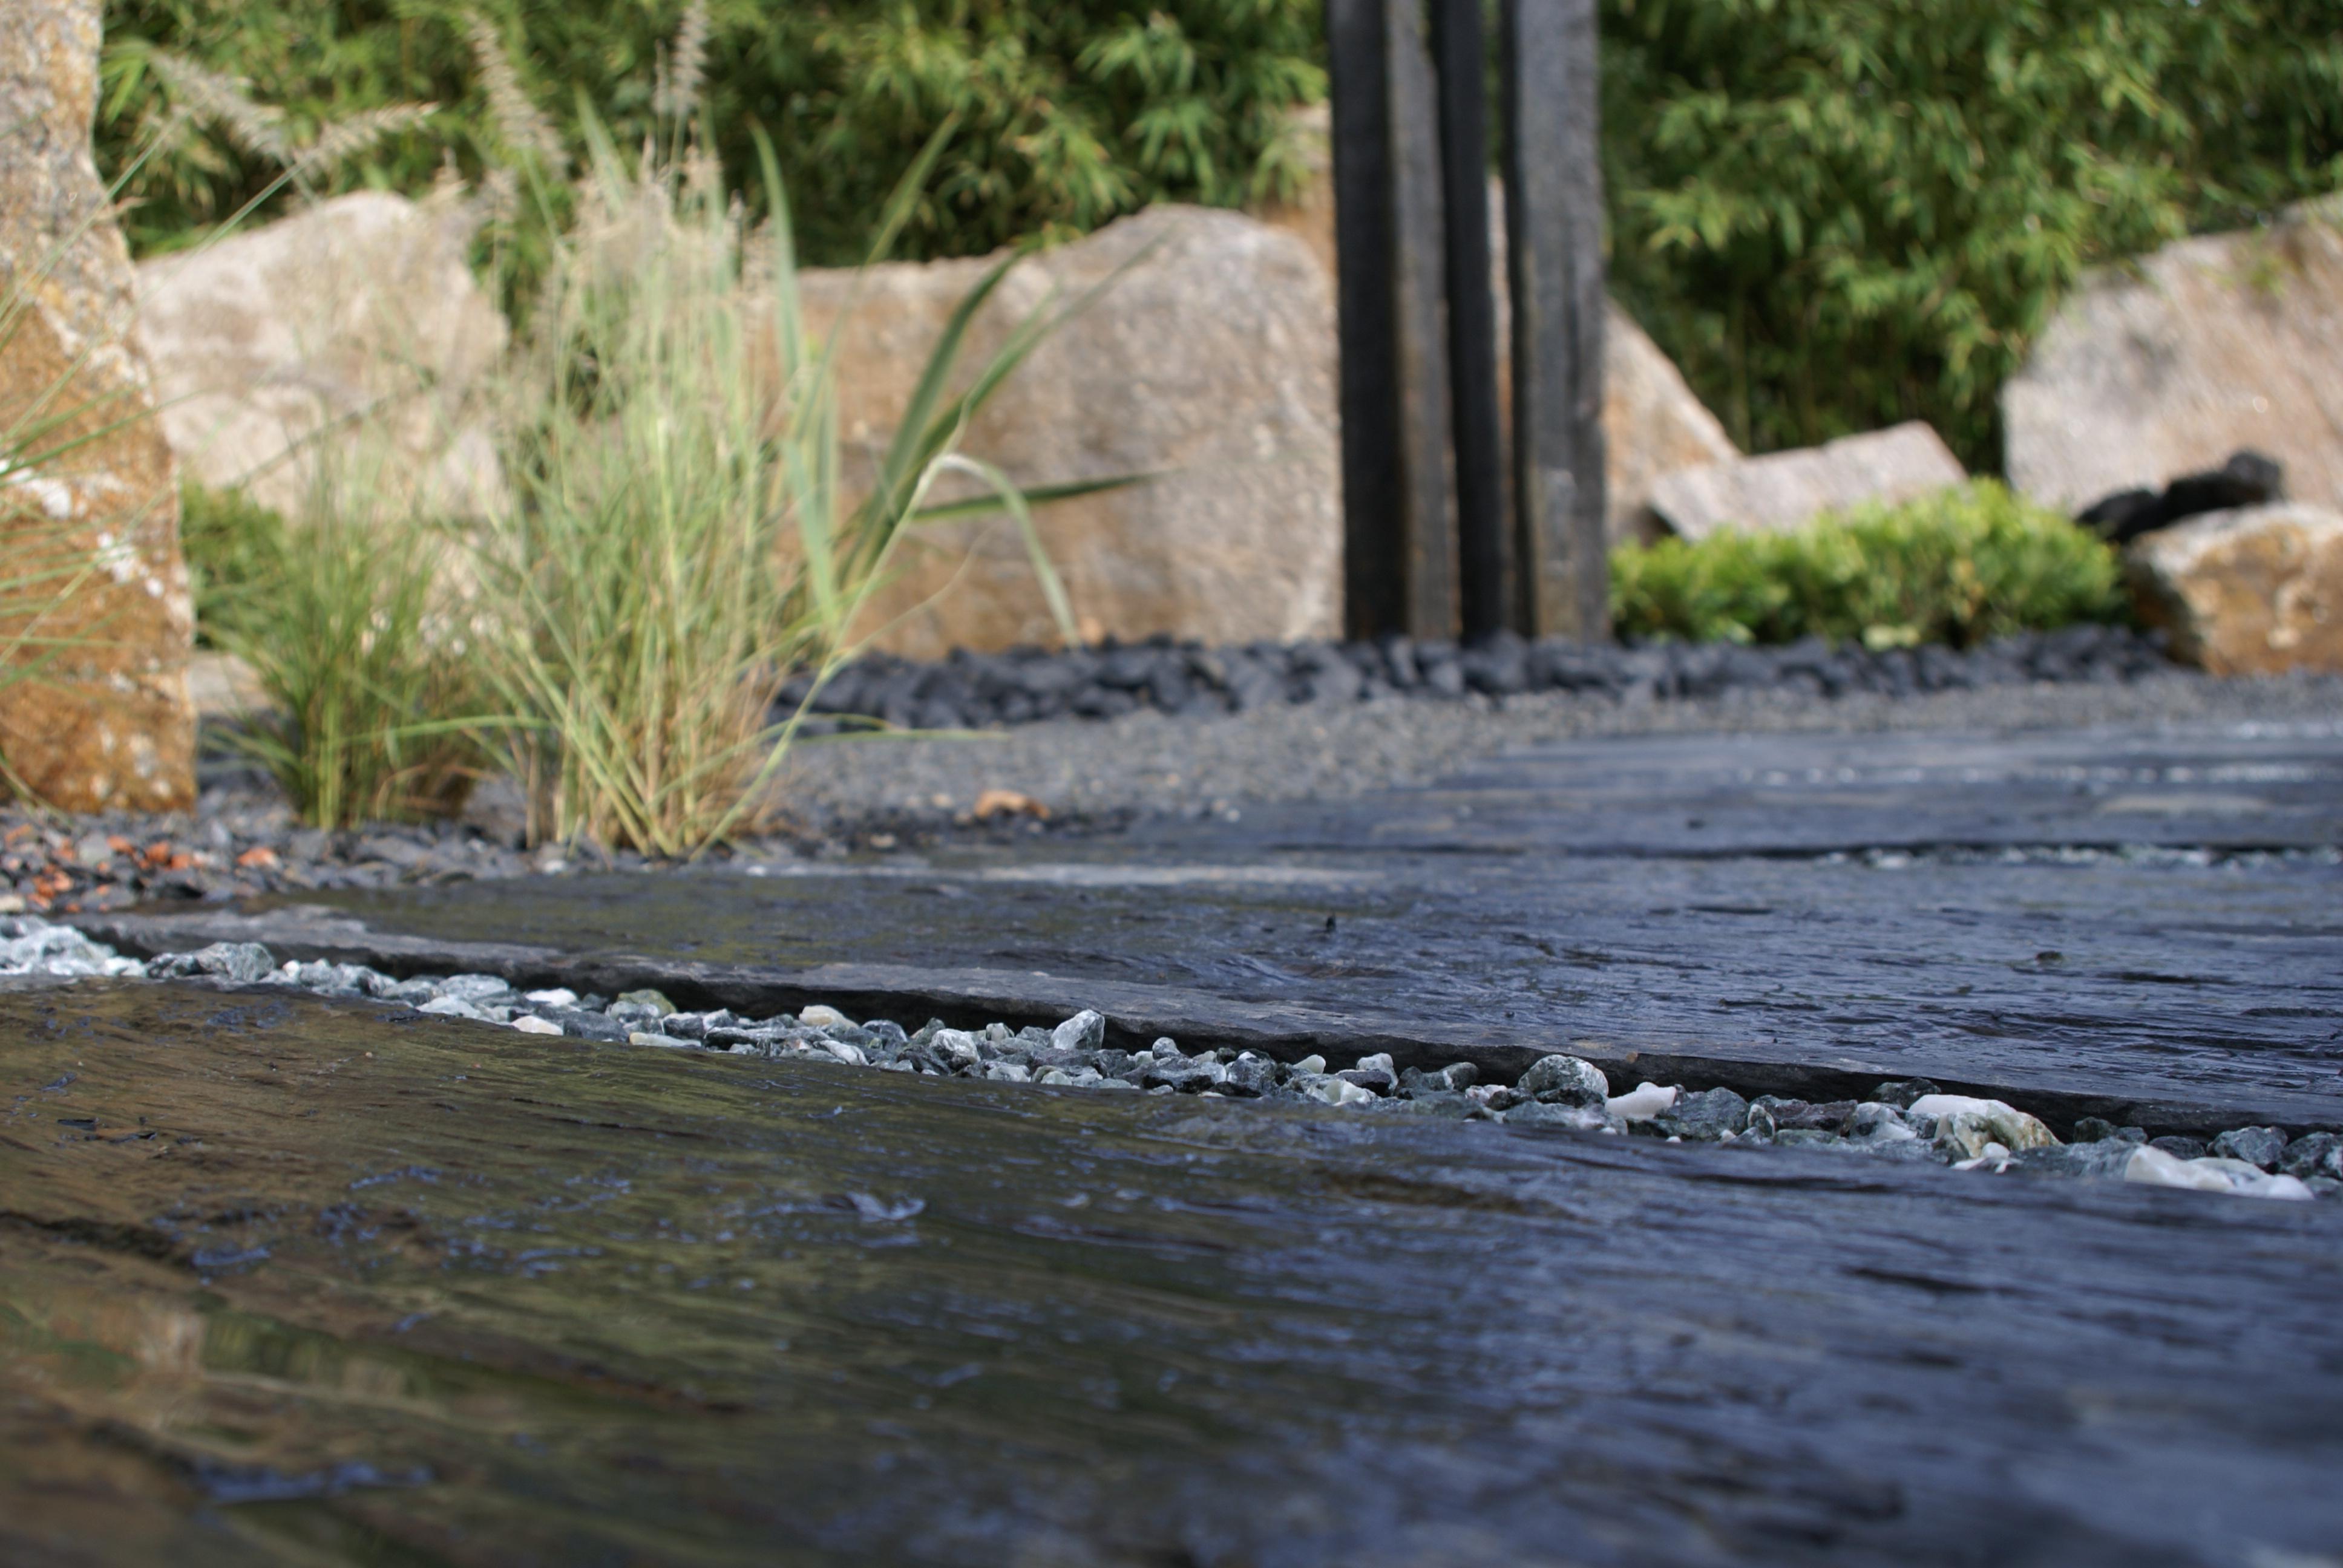 Am nager un jardin contemporain les r gles monjardin for Jardin urbain contemporain